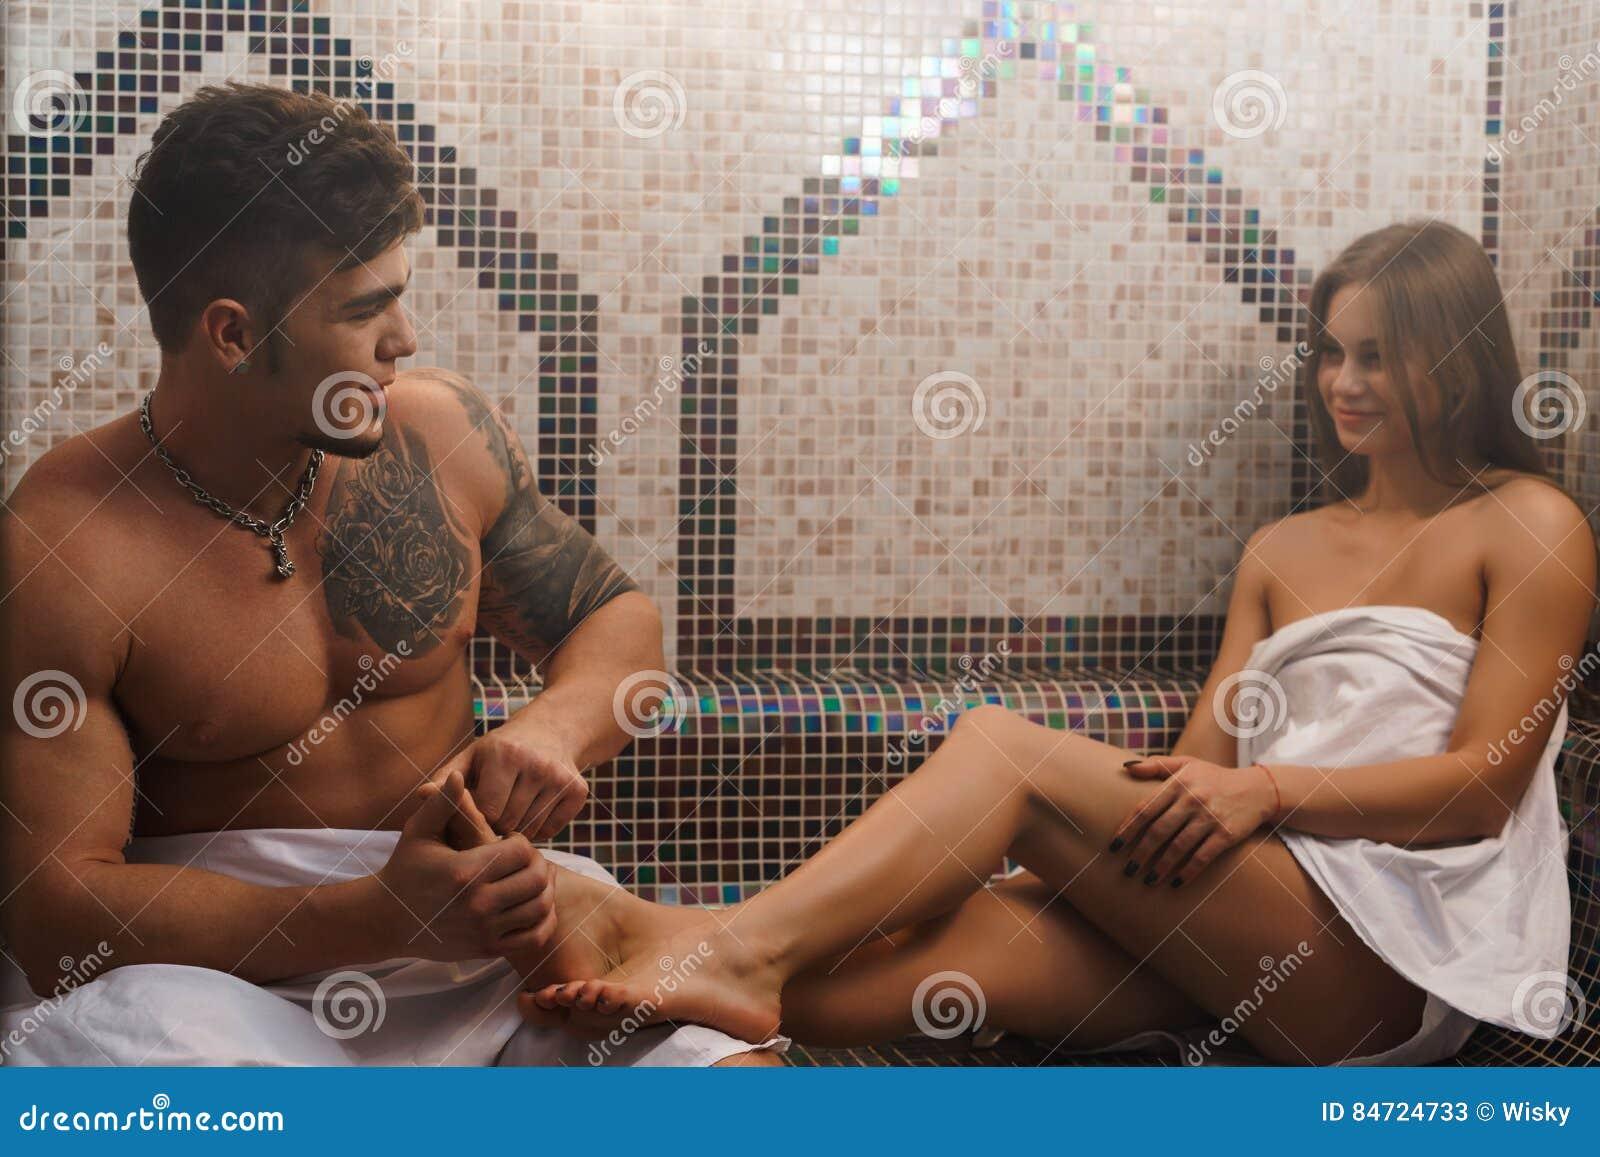 Массаж девушки в сауне эротический массаж галереи